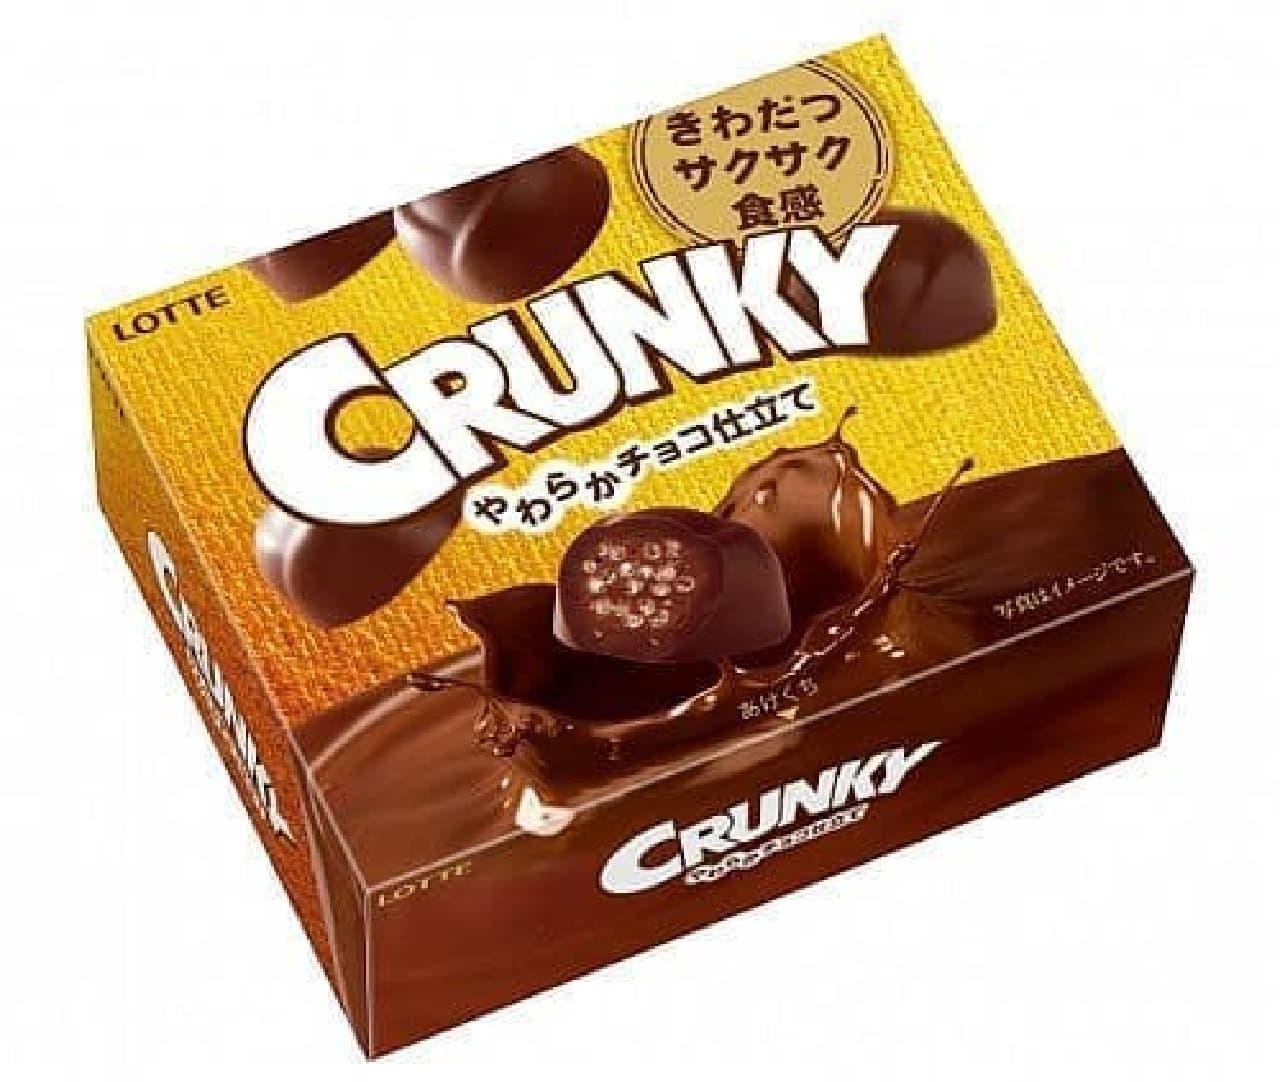 ロッテ「クランキー<やわらかチョコ仕立て>」